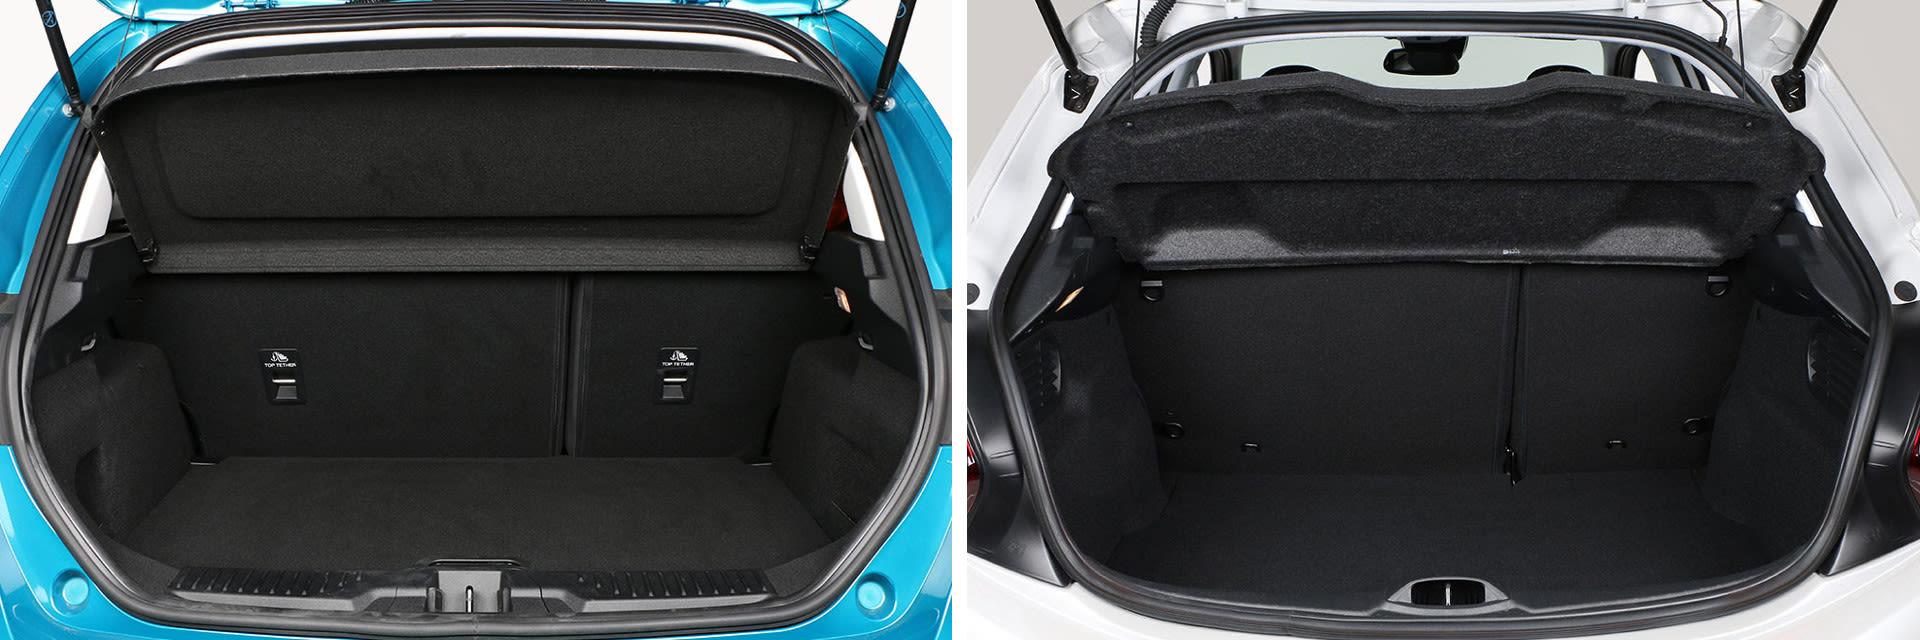 El maletero del Ford Fiesta (izquierda) tiene 18 litros de cpacidad más que su rival (303 litros por los 285 del Peugeot). Además, la bandeja del Fiesta permite colocar la bandeja en dos alturas.